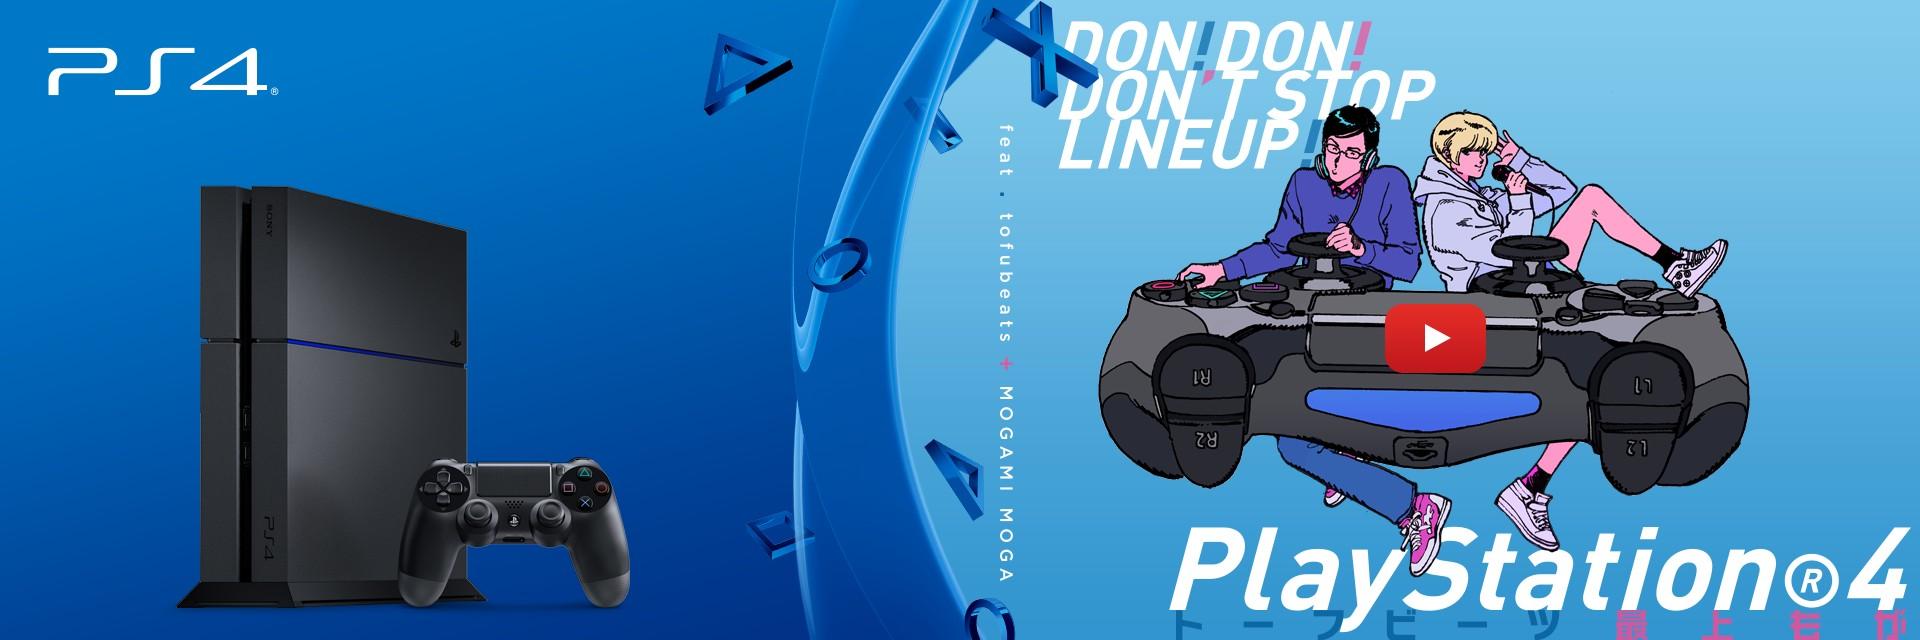 """特別映像「PlayStation®4 + tofubeats + 最上もが """"DON! DON! DON'T STOP LINEUP!""""」"""